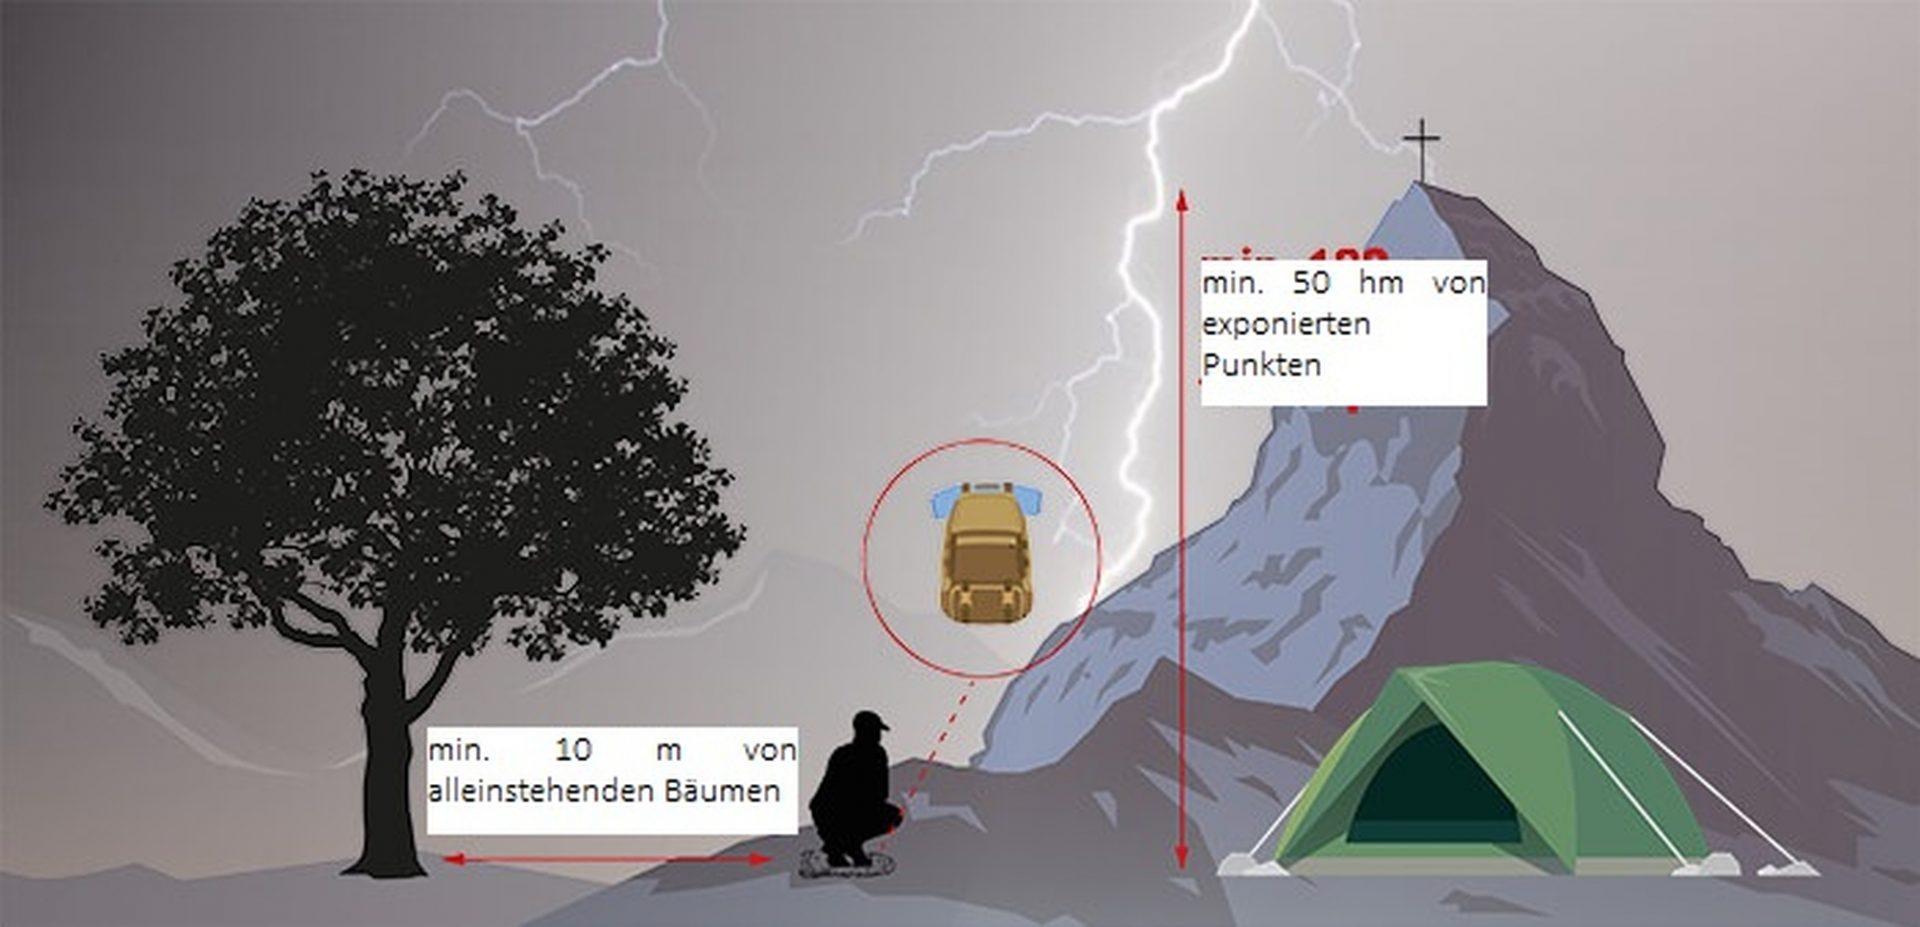 Wie verhalte ich mich bei Gewitter richtig © AVS